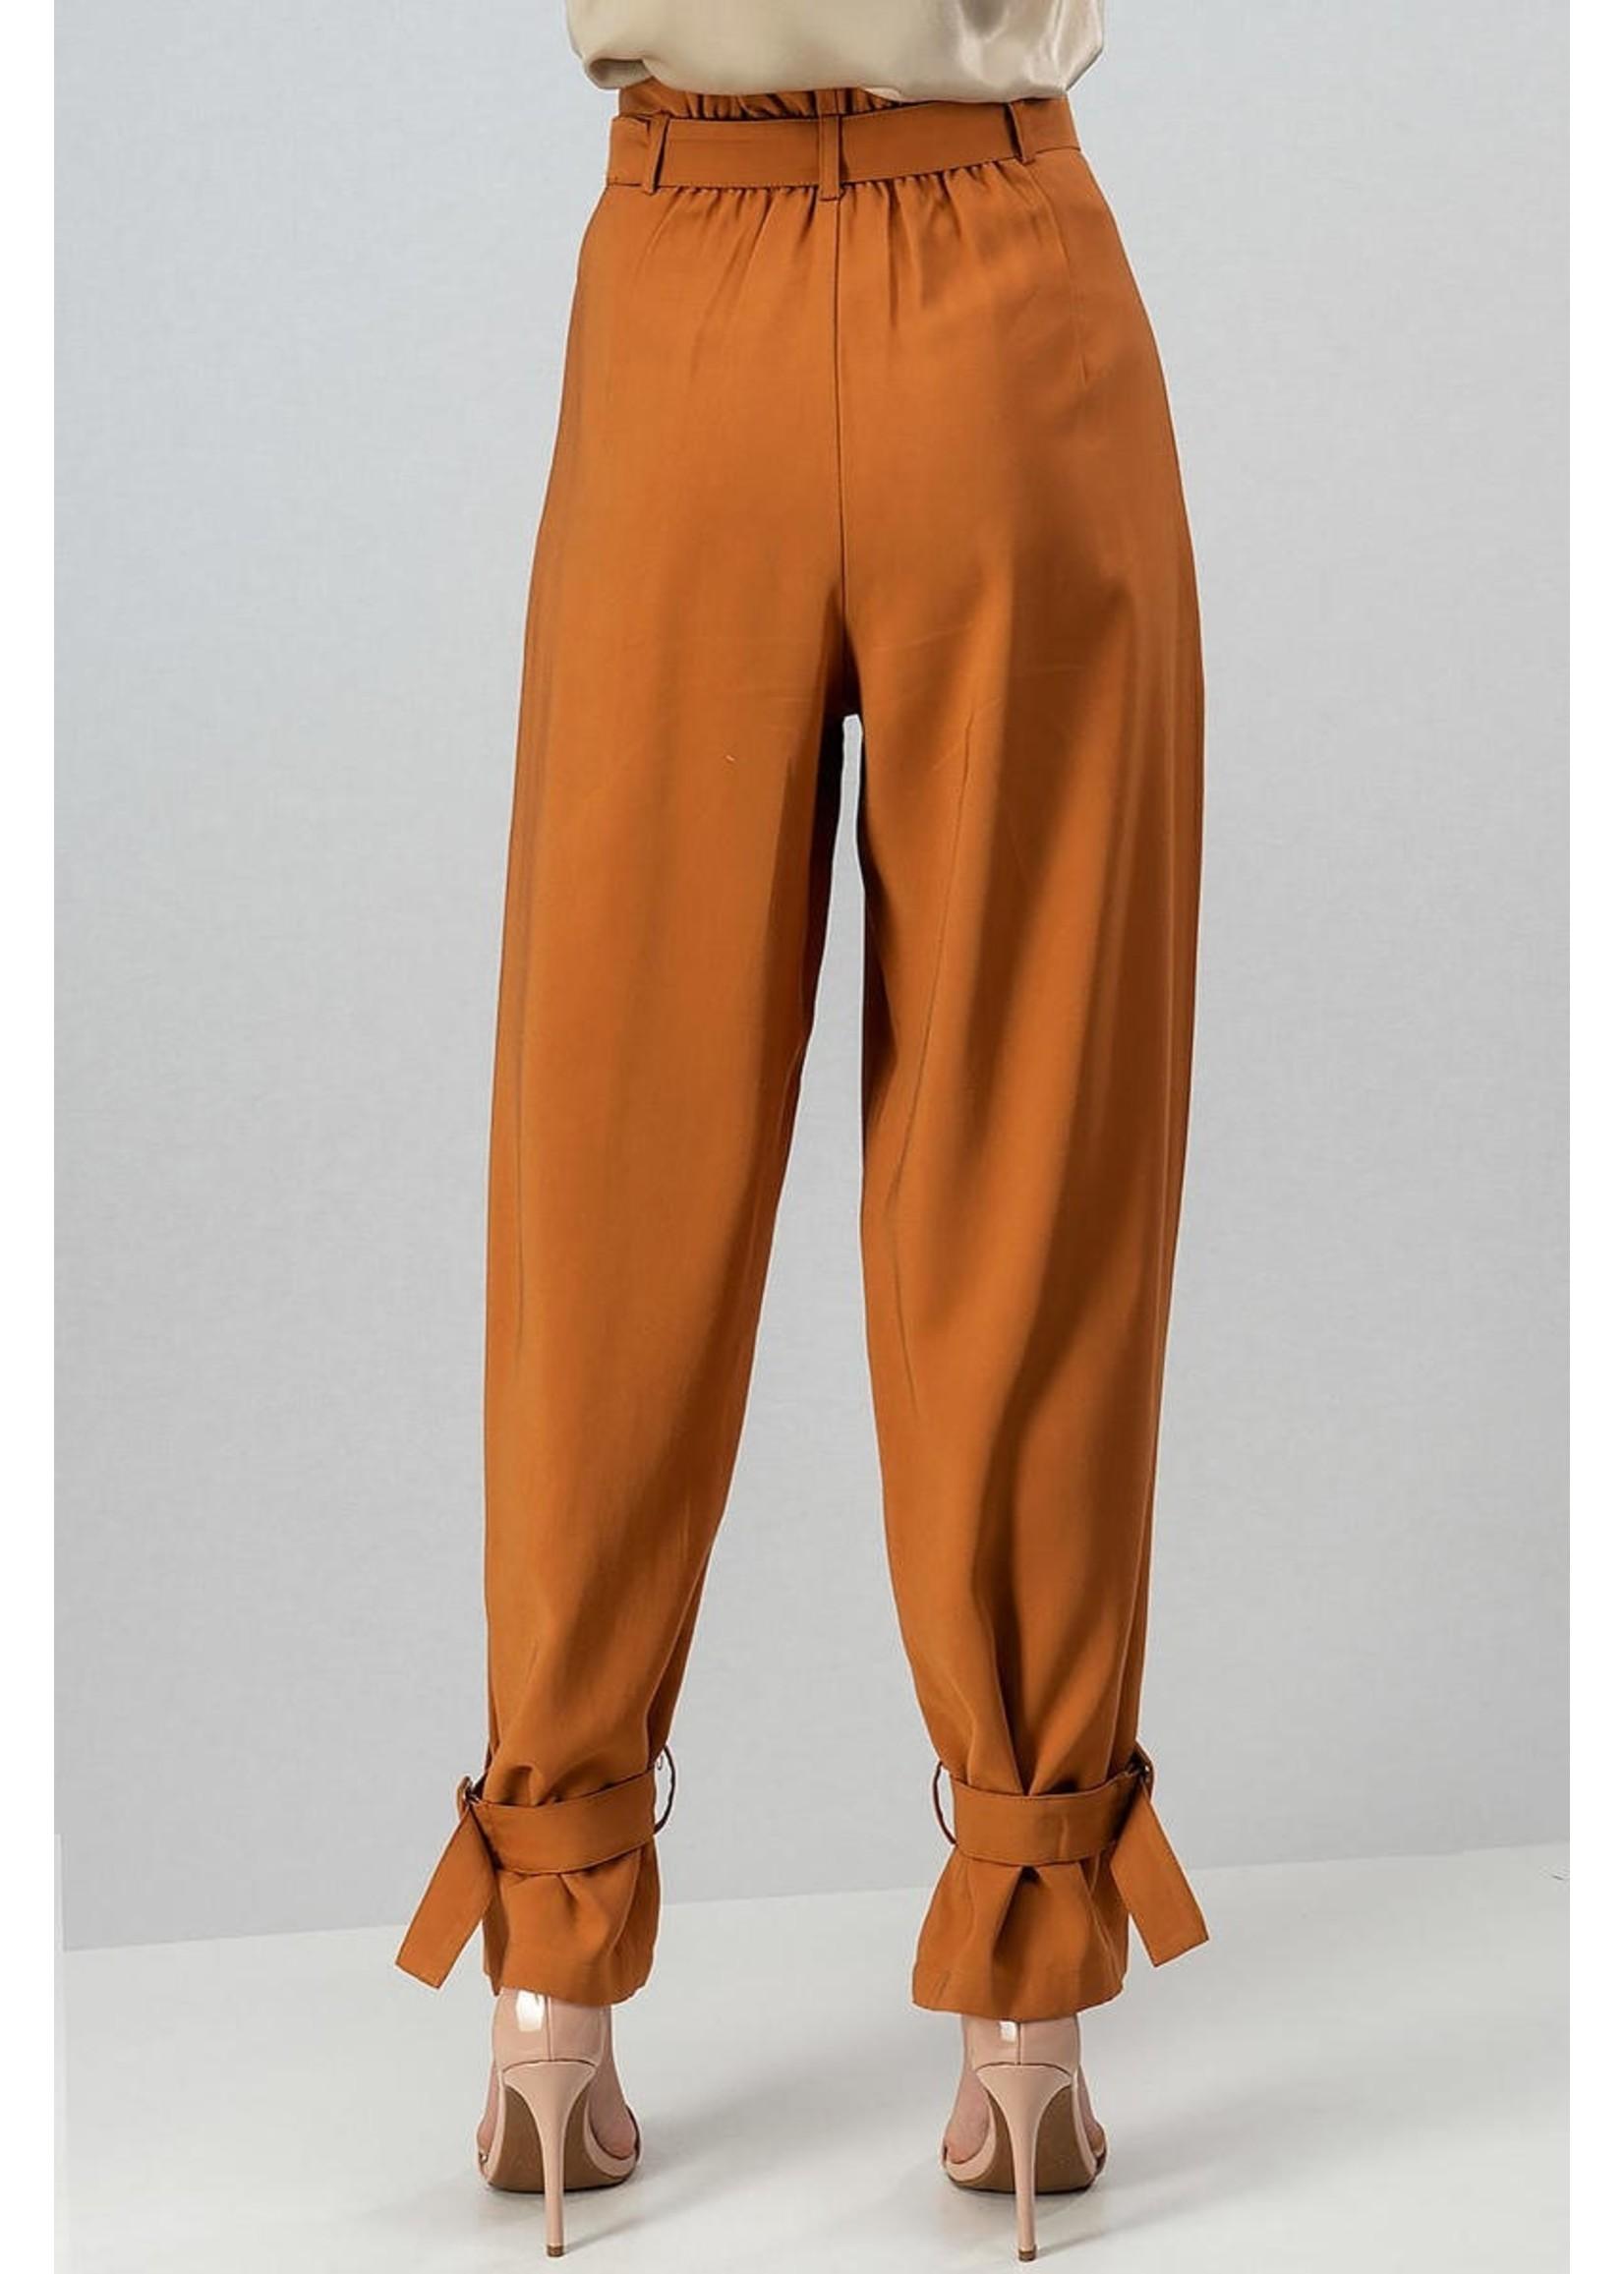 trend : notes Delaney Pants Camel